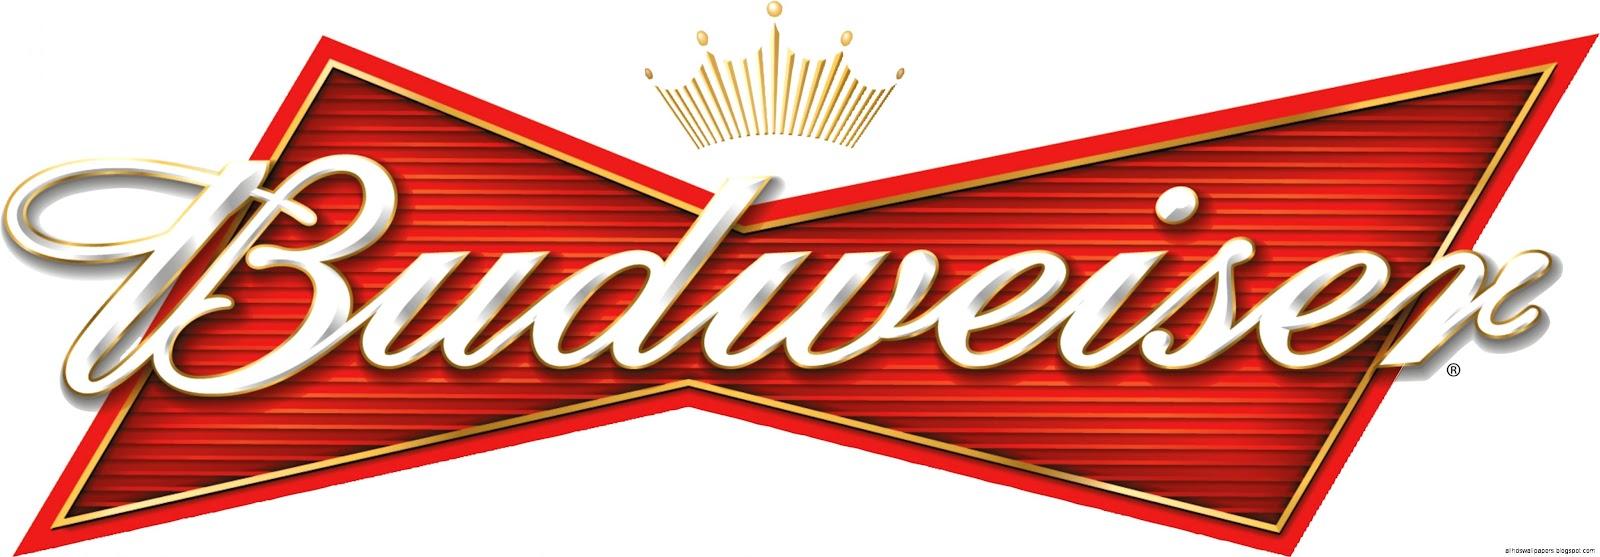 Budweiser Select Crown Wallpaper  |Budweiser Select Wallpaper